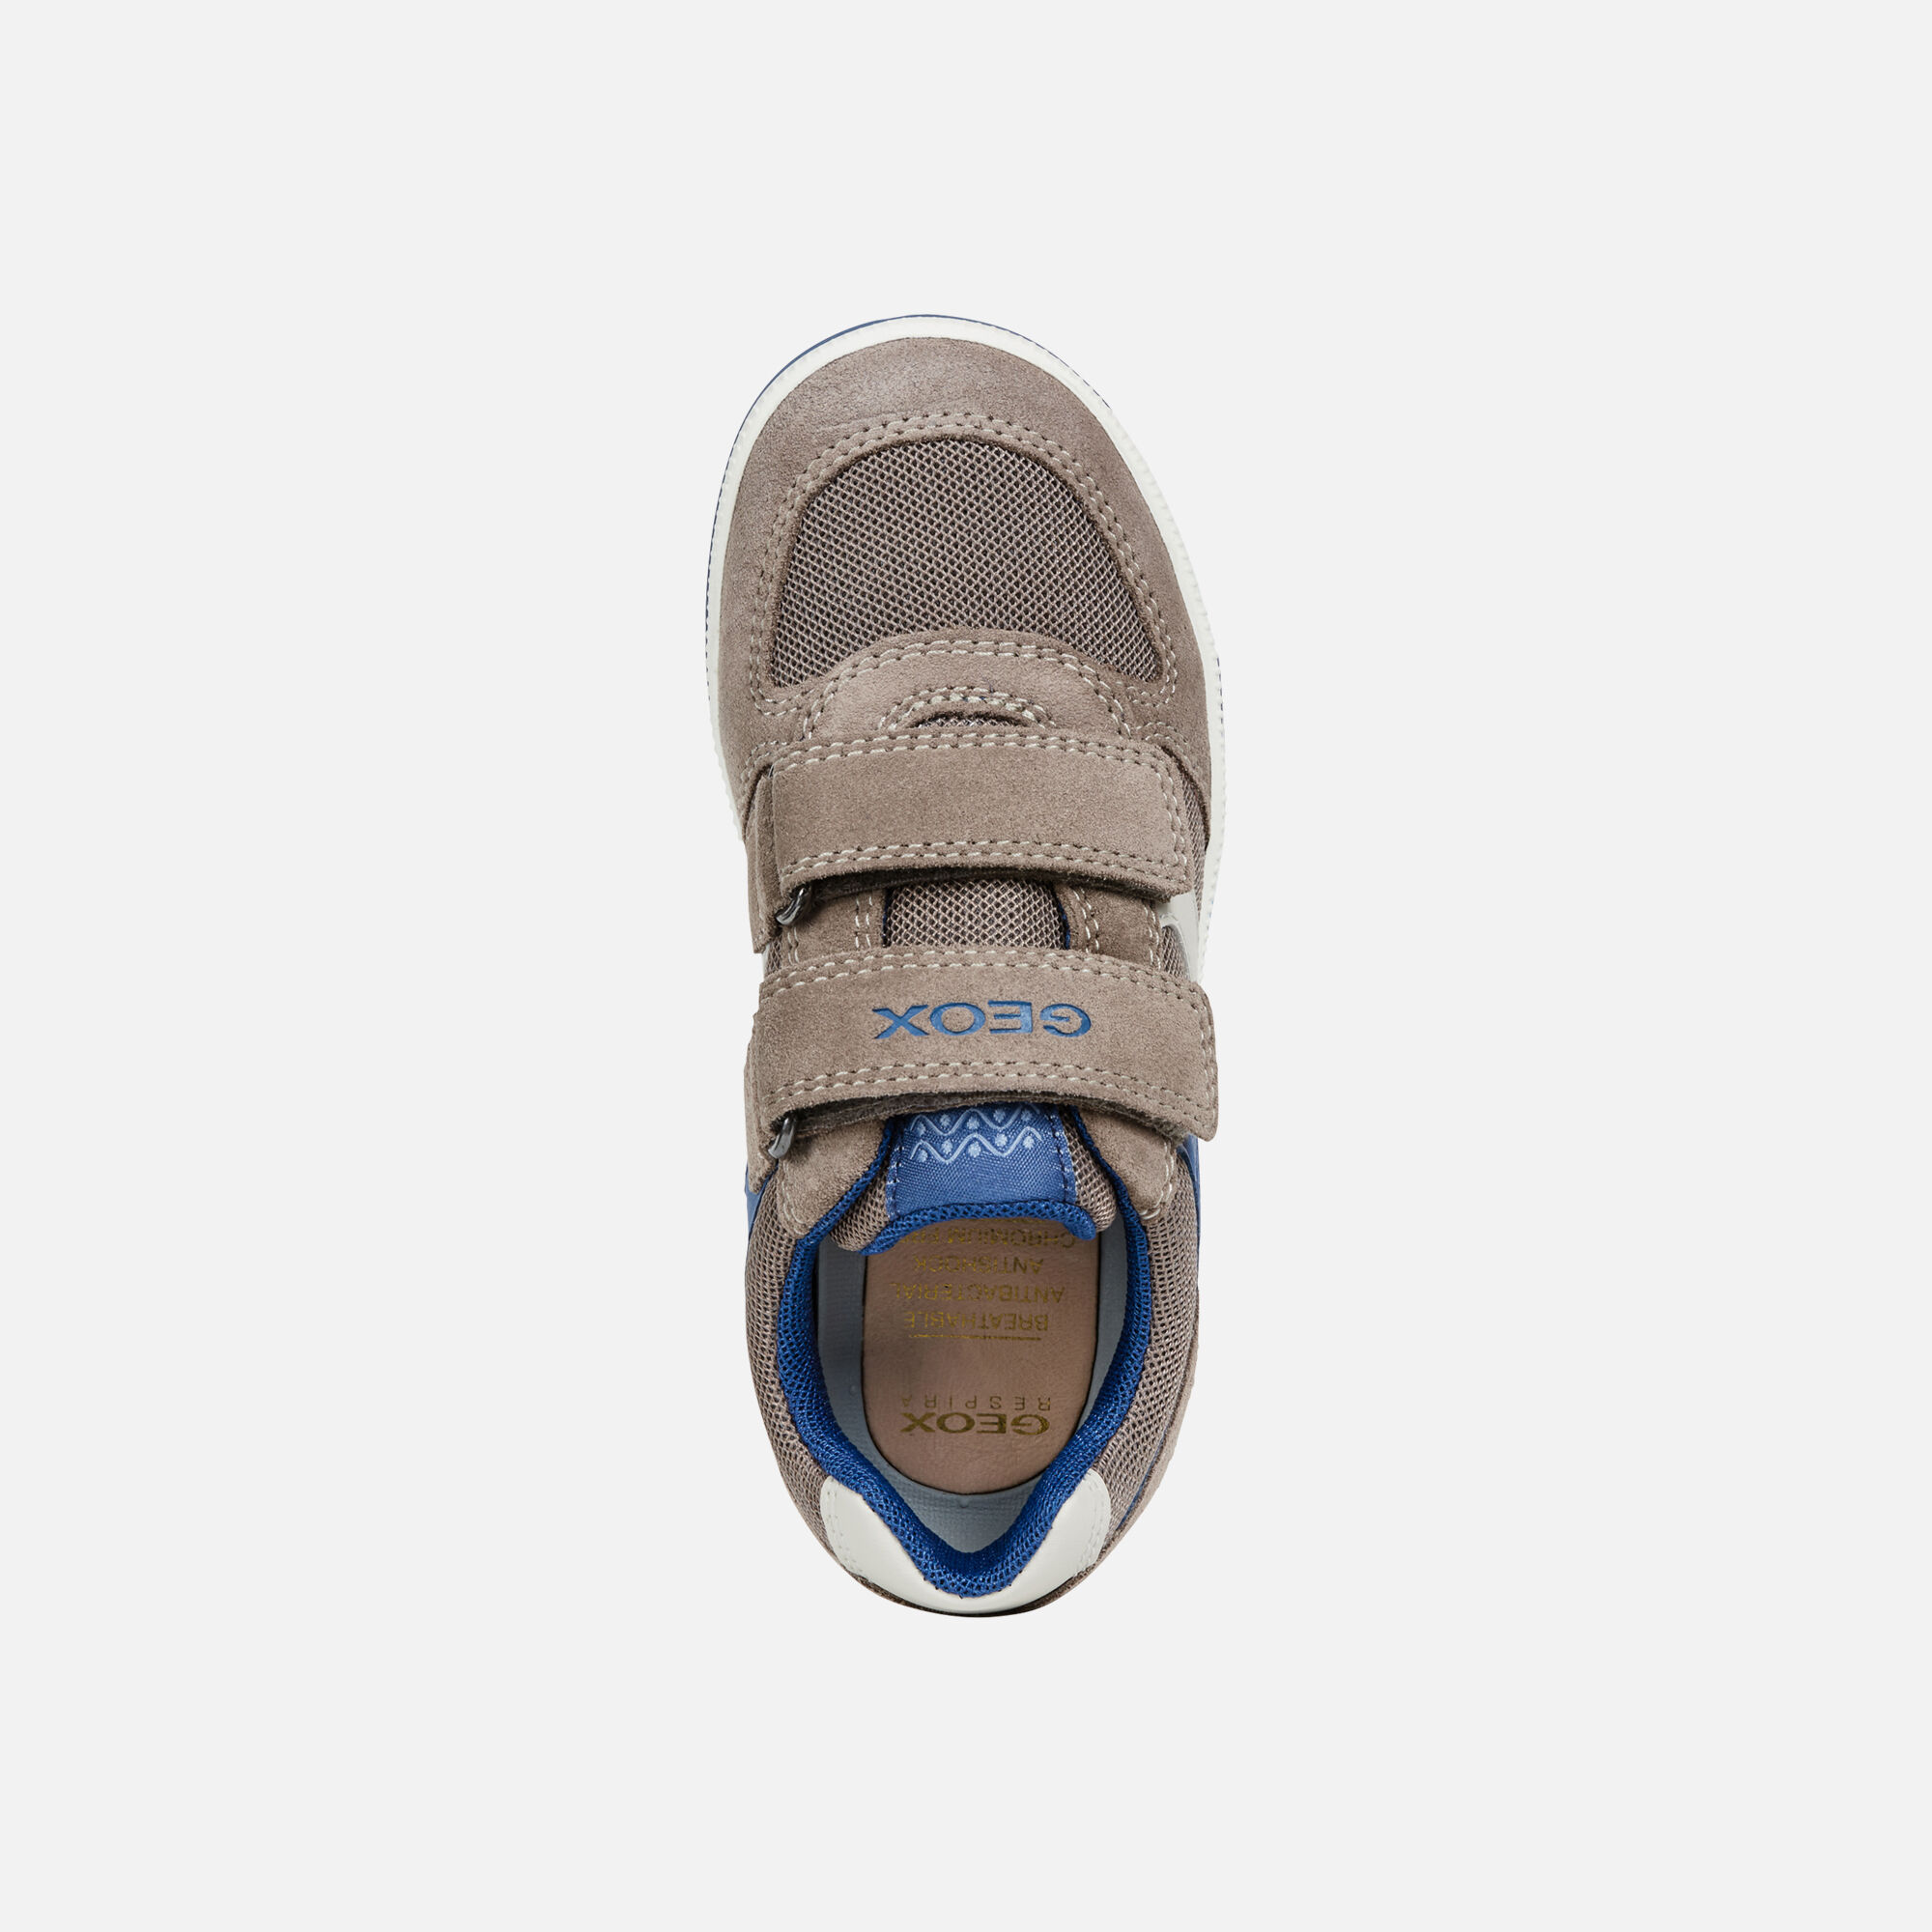 Geox JR VITA: Junior Boy Sneakers | Geox